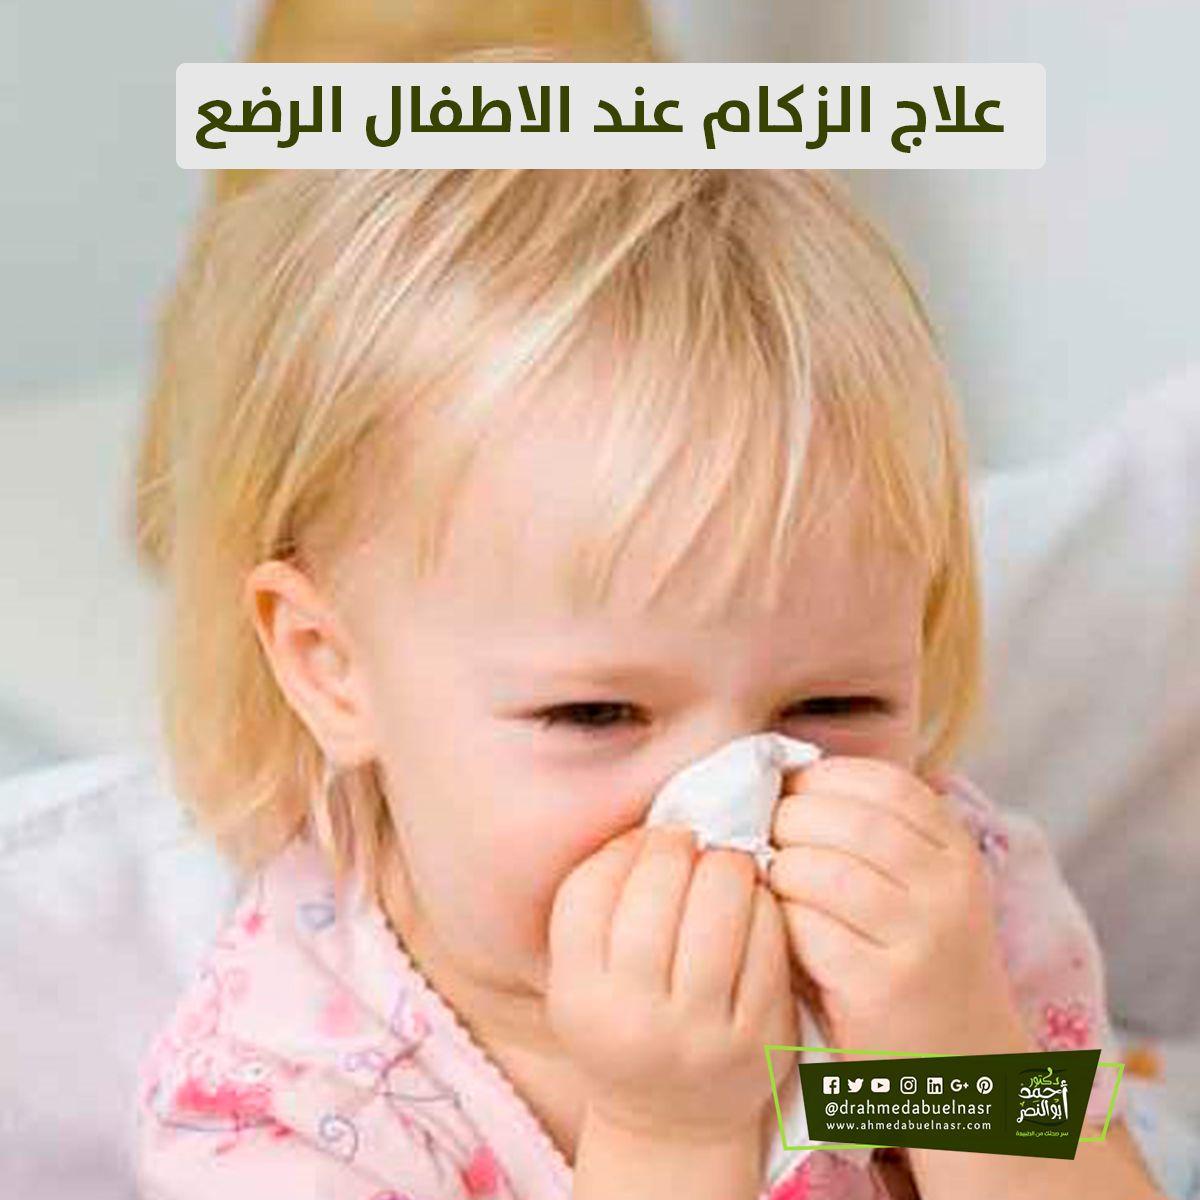 علاج الزكام عند الاطفال الرضع Baby Face Baby Face